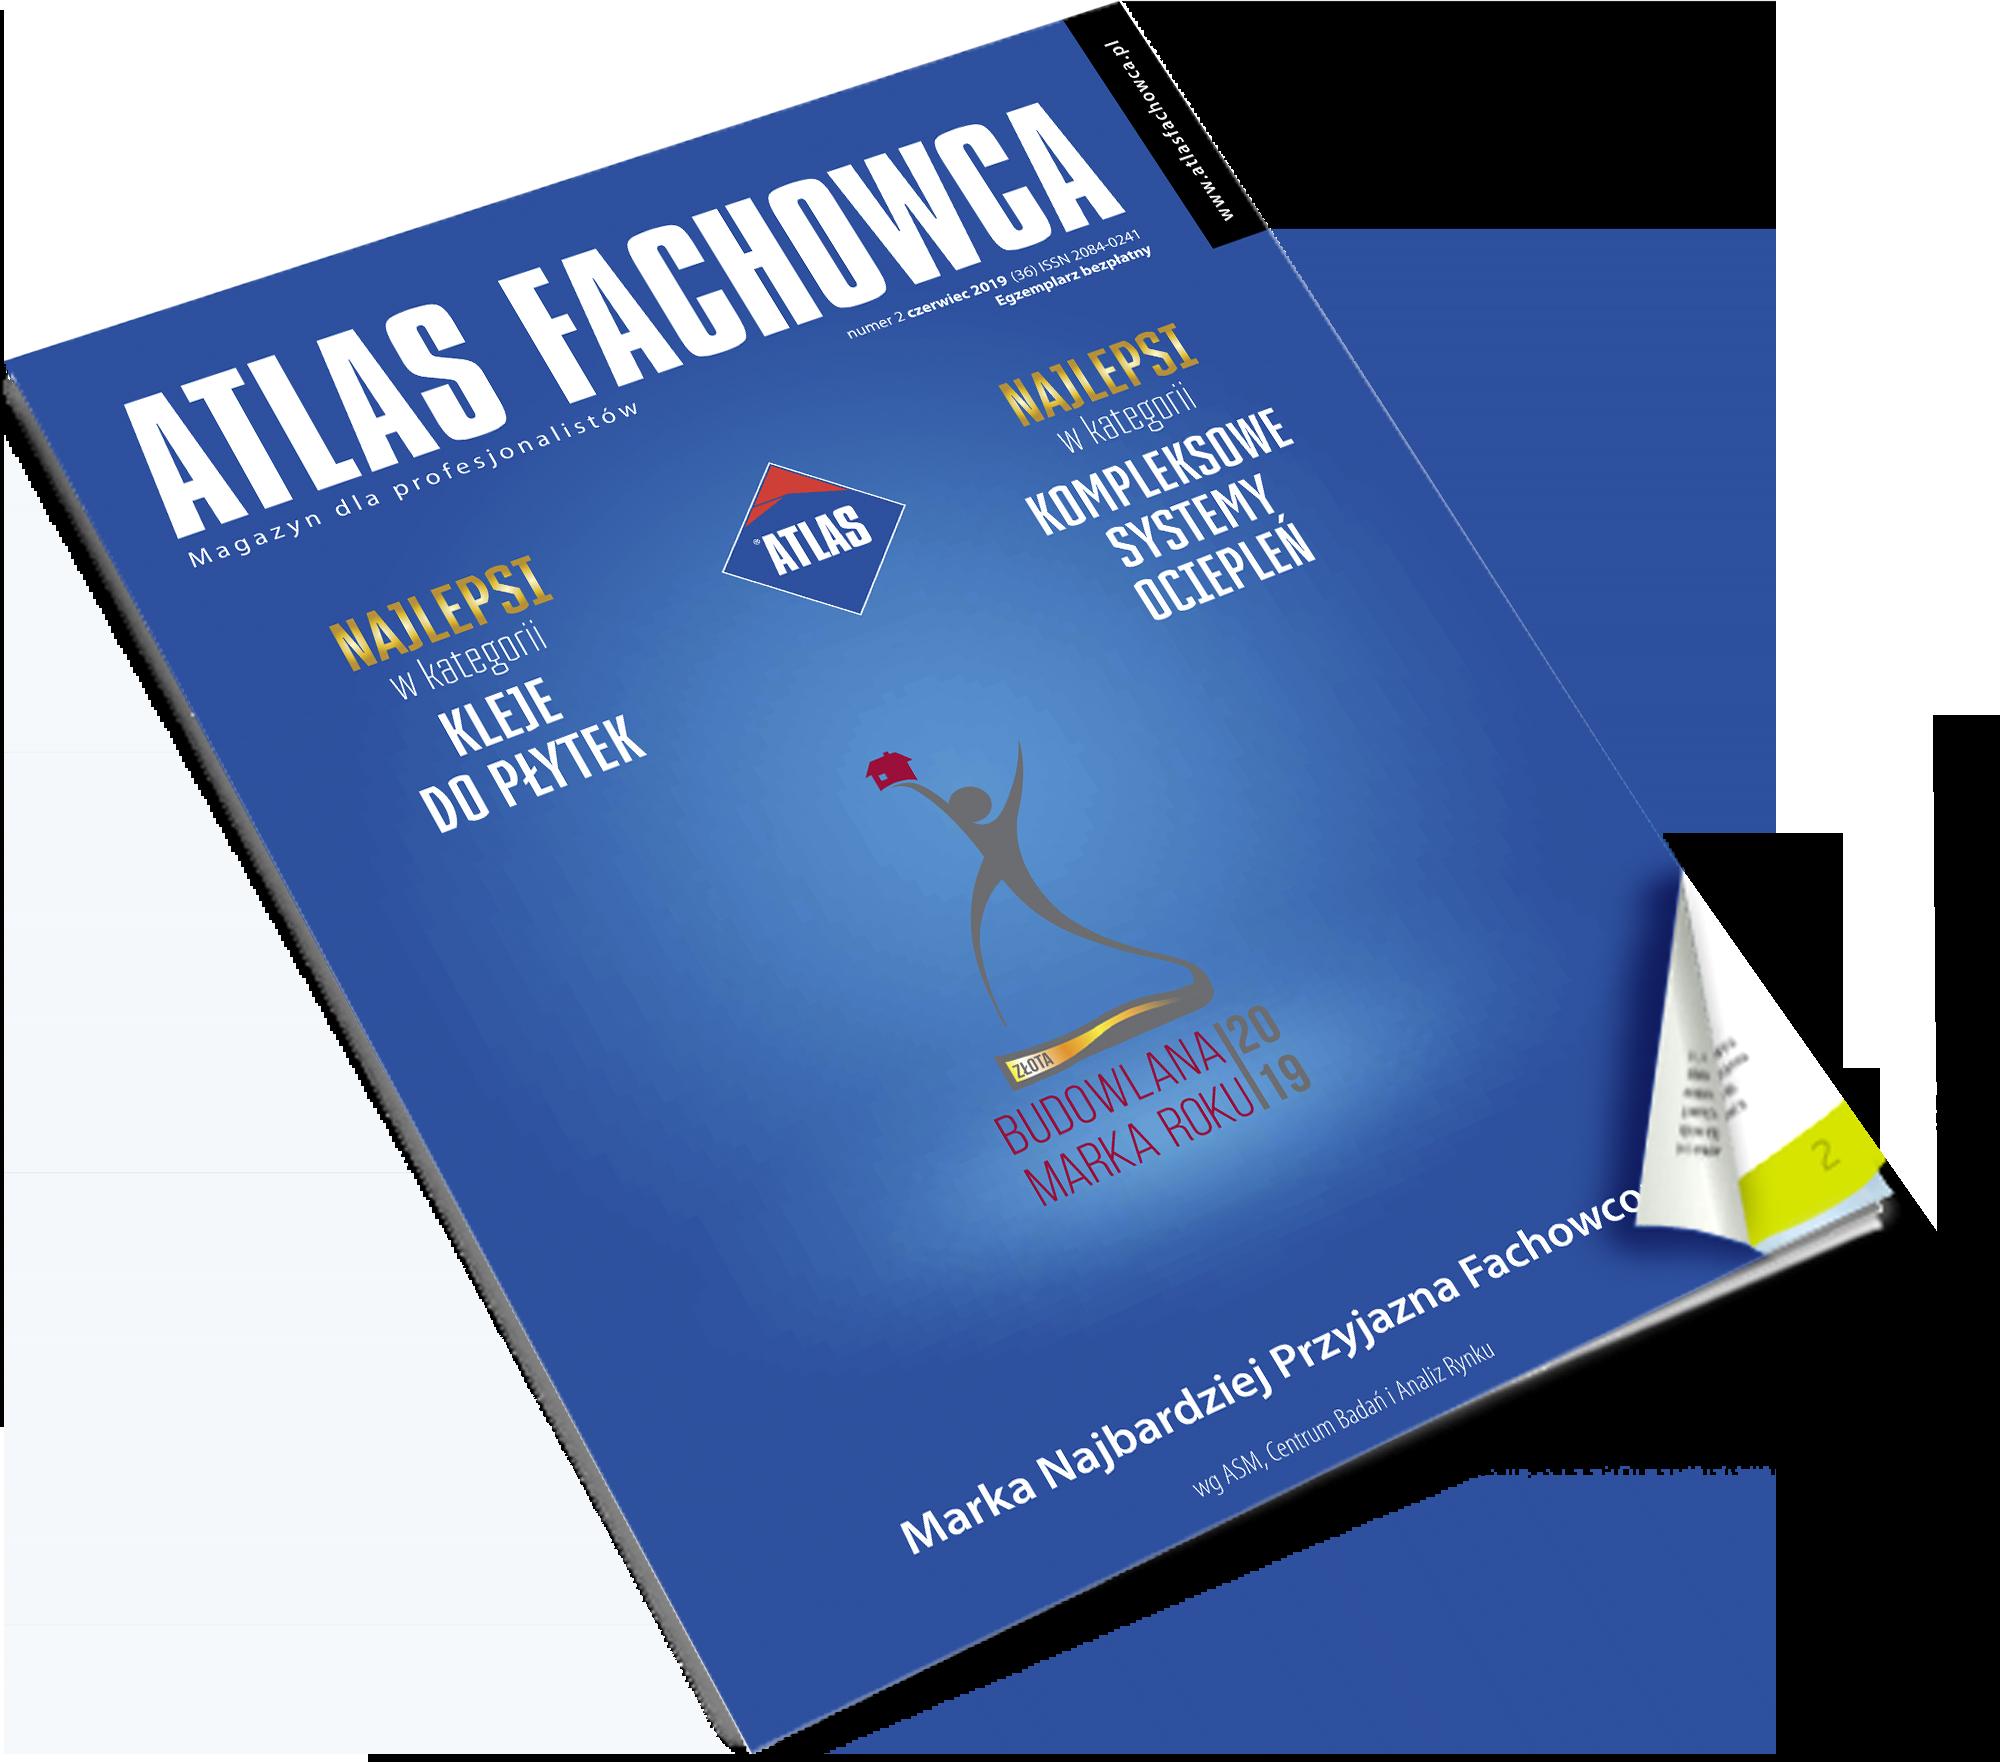 ATLAS Fachowca nr 36